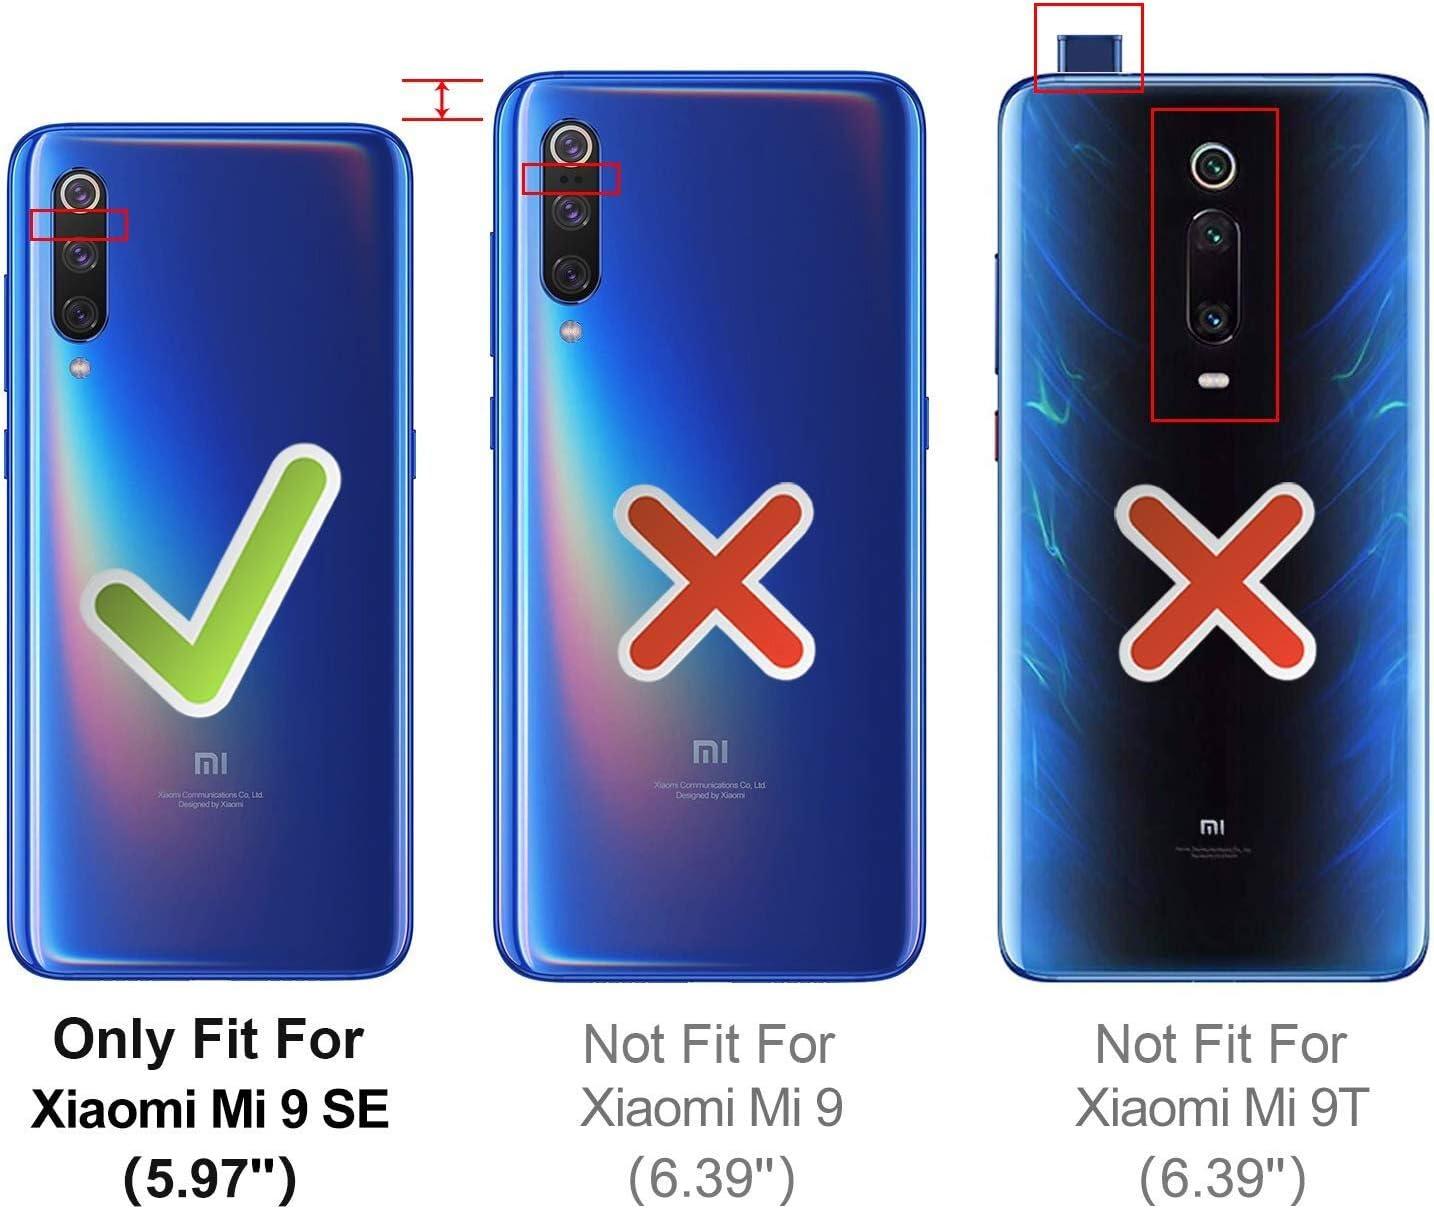 HOOMIL Funda para Xiaomi Mi 9 SE, Funda de Cuero PU Premium Carcasa para Xiaomi Mi 9 SE Smartphone (Negro): Amazon.es: Electrónica